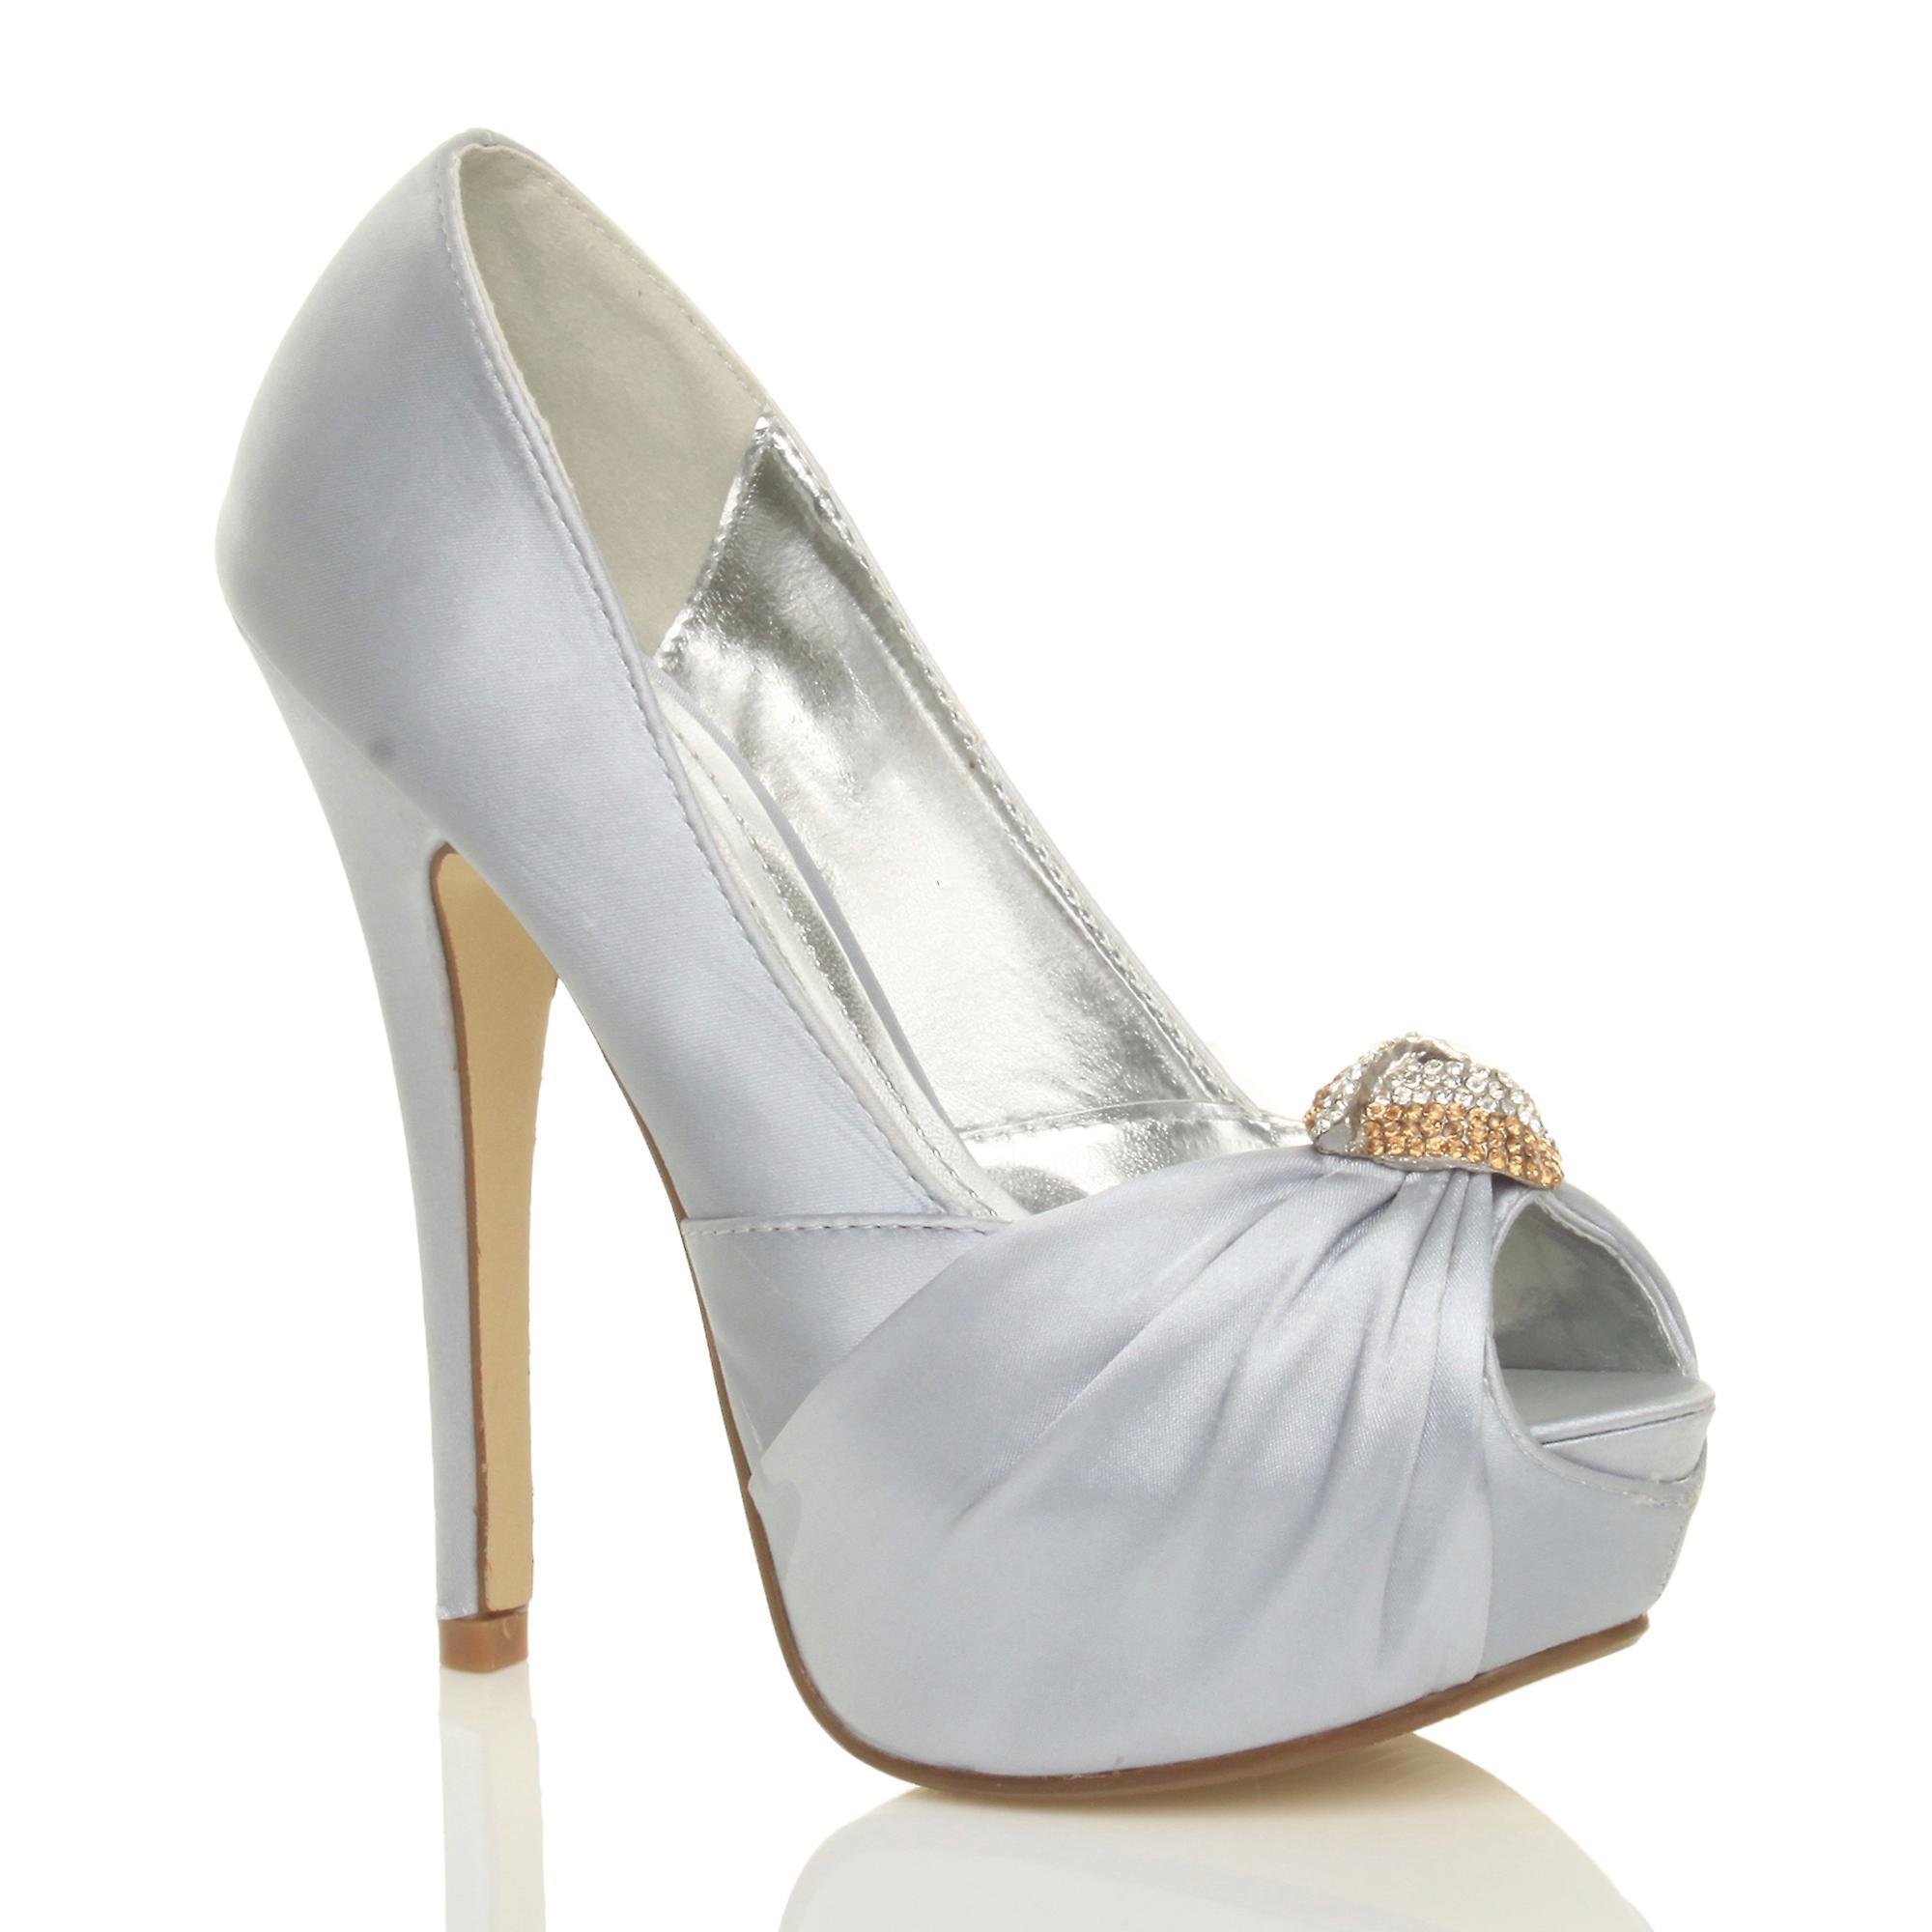 Ajvani Damen high Heels Braut Hochzeit Prom Peep Toe Gericht Schuhe Plateau-Sandaletten